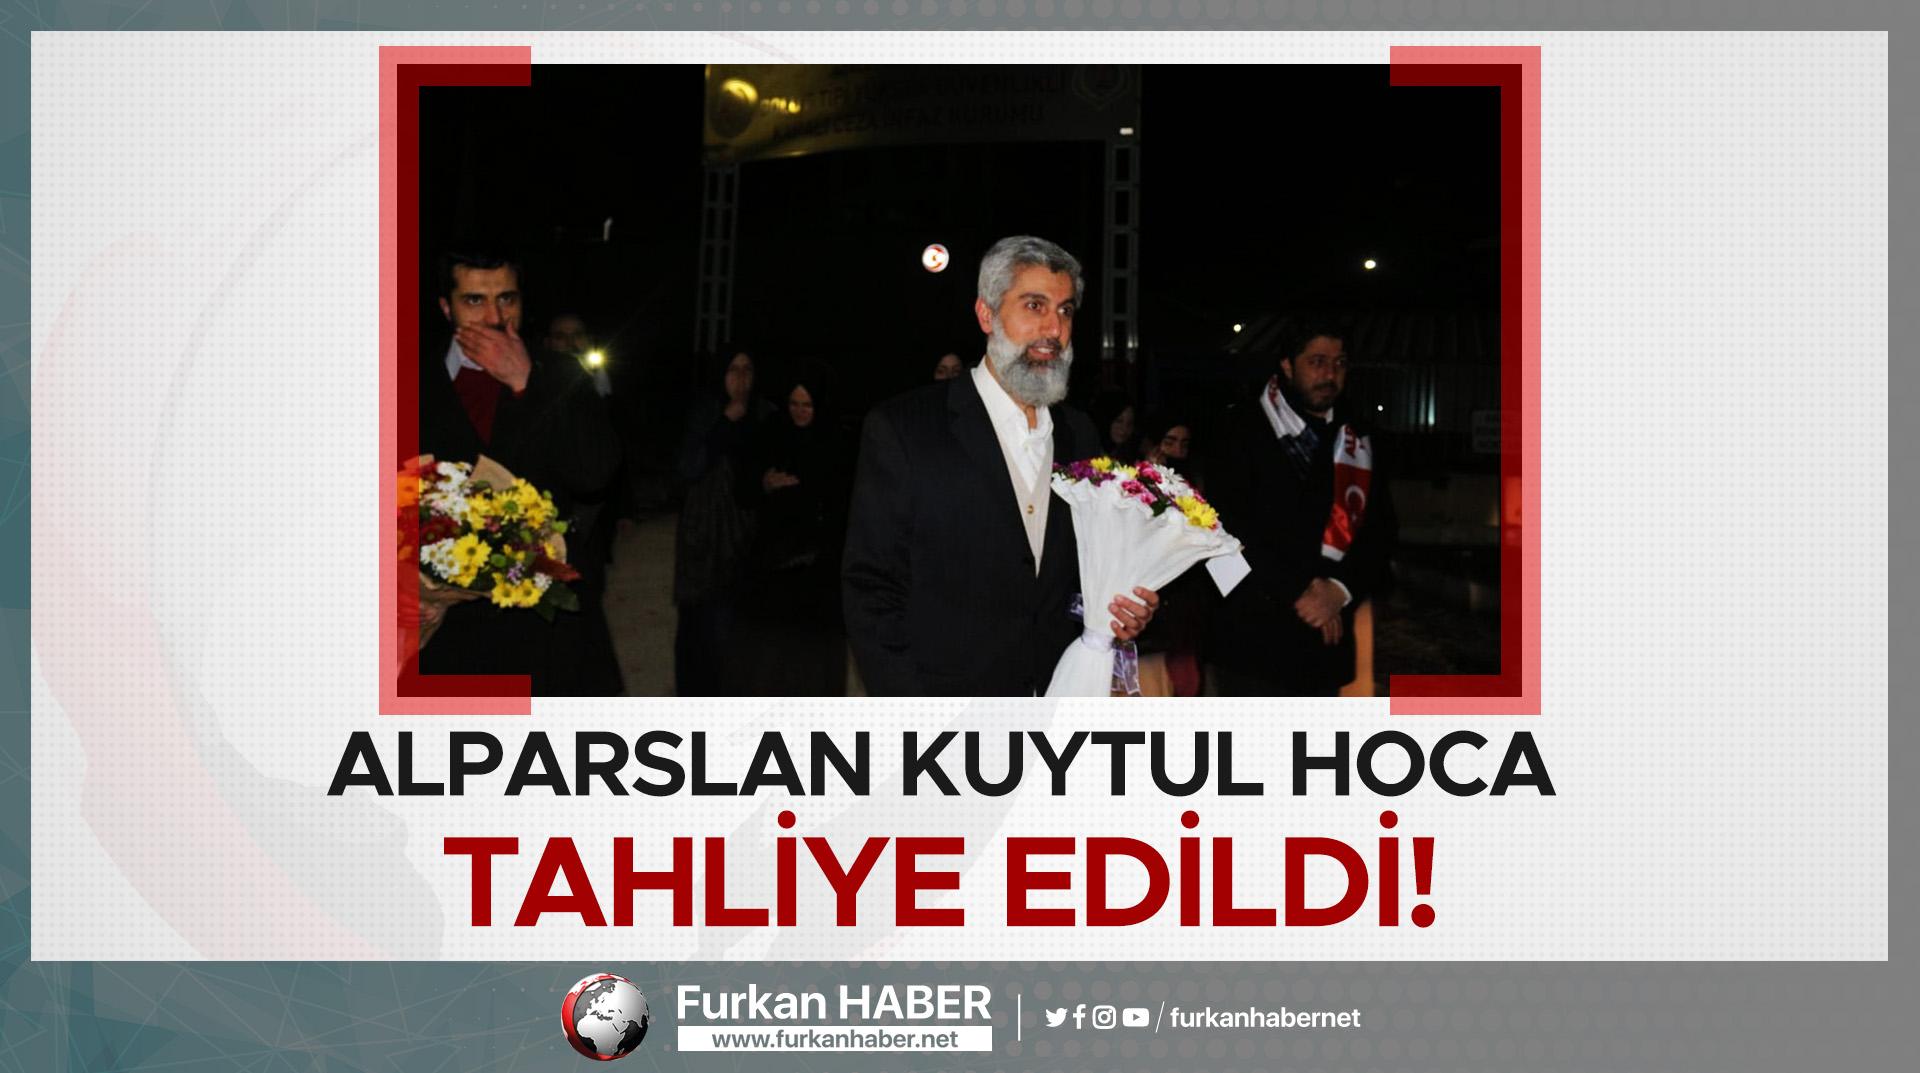 Alparslan Kuytul Hoca TAHLİYE EDİLDİ!